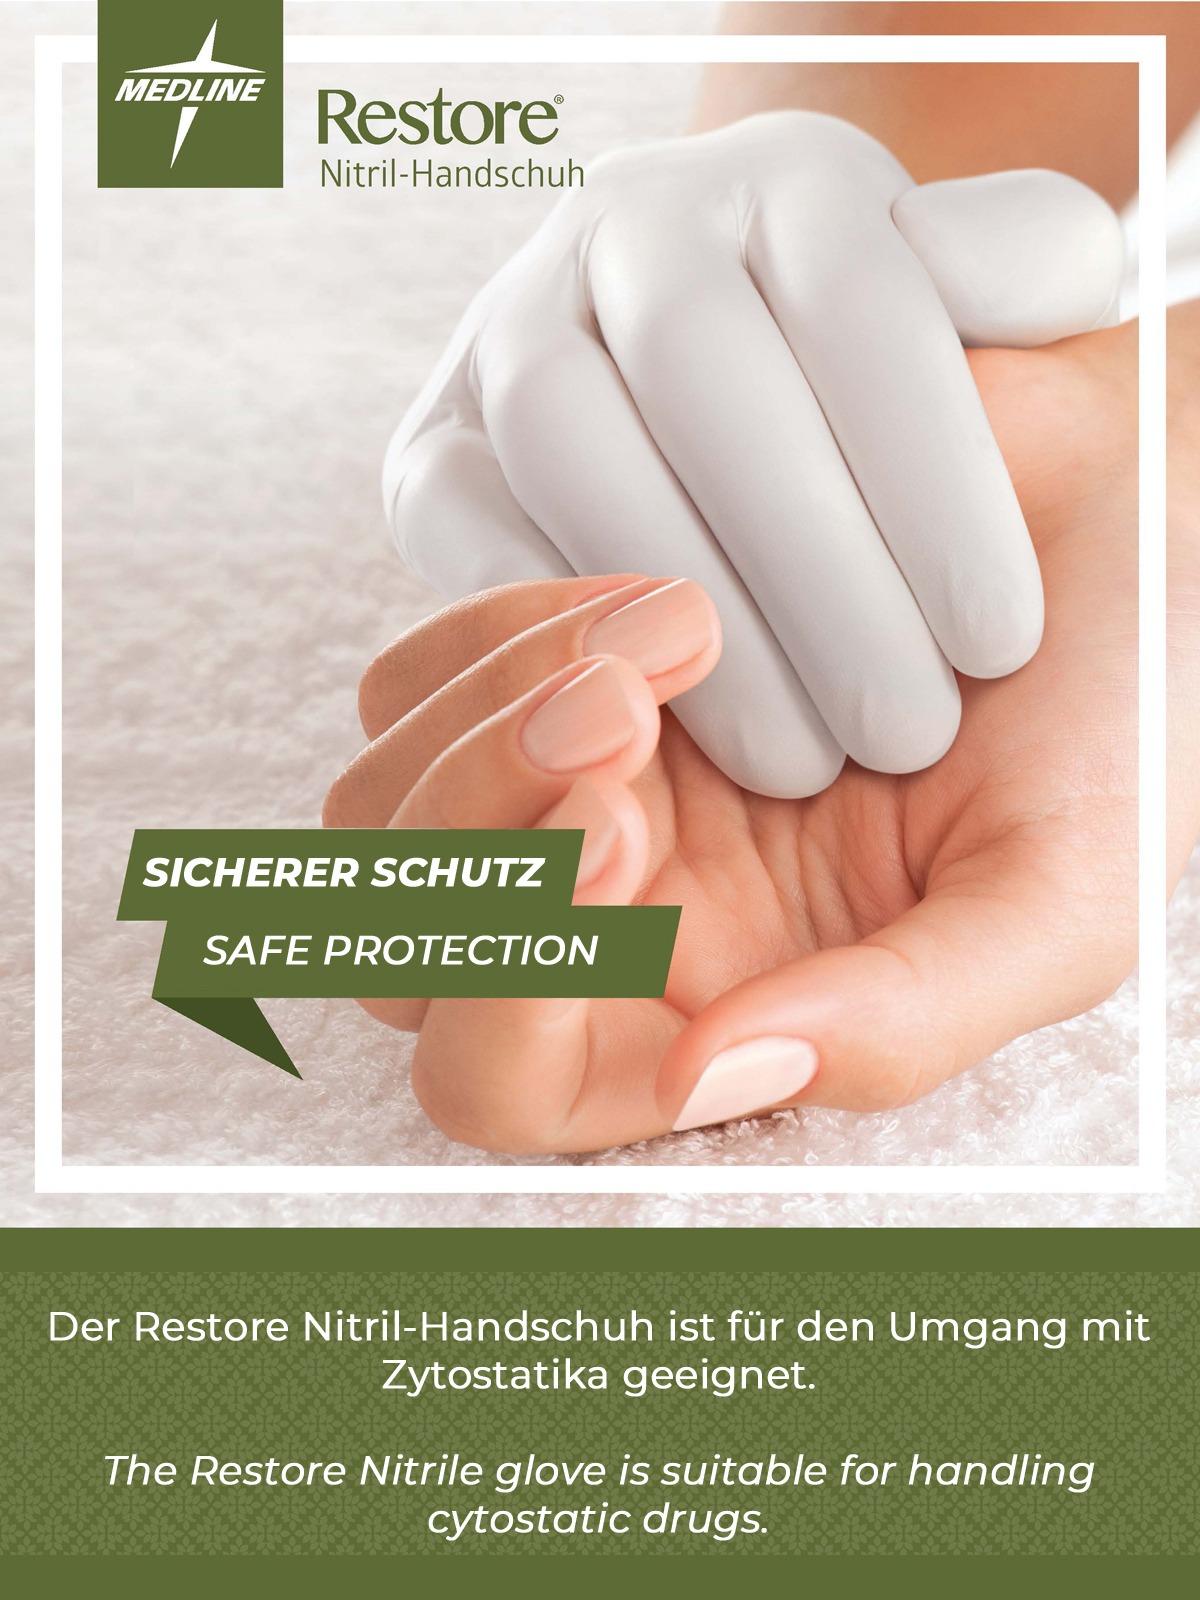 Sicherer-Schutz.jpg